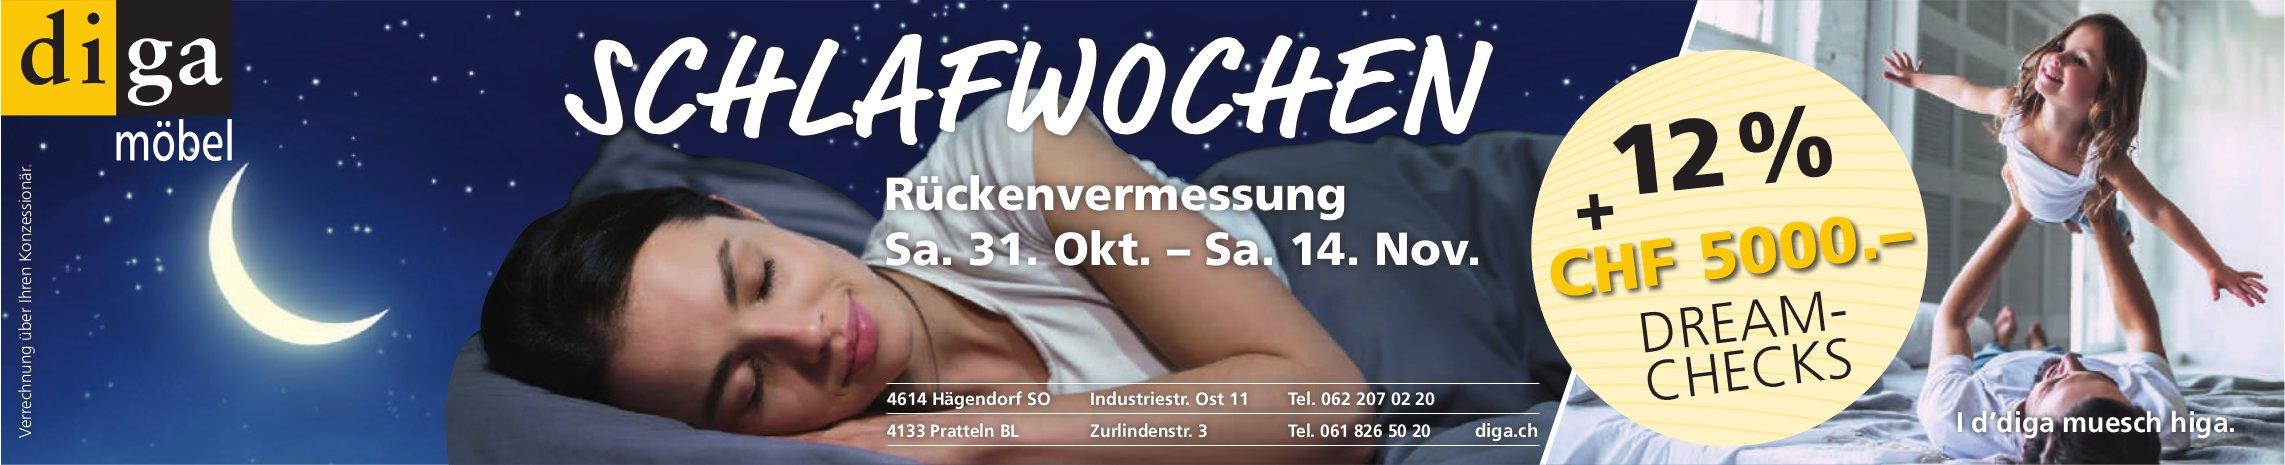 Schlafwochen, Rückenvermessung, 31. Oktober bis 14. November, diga Möbel